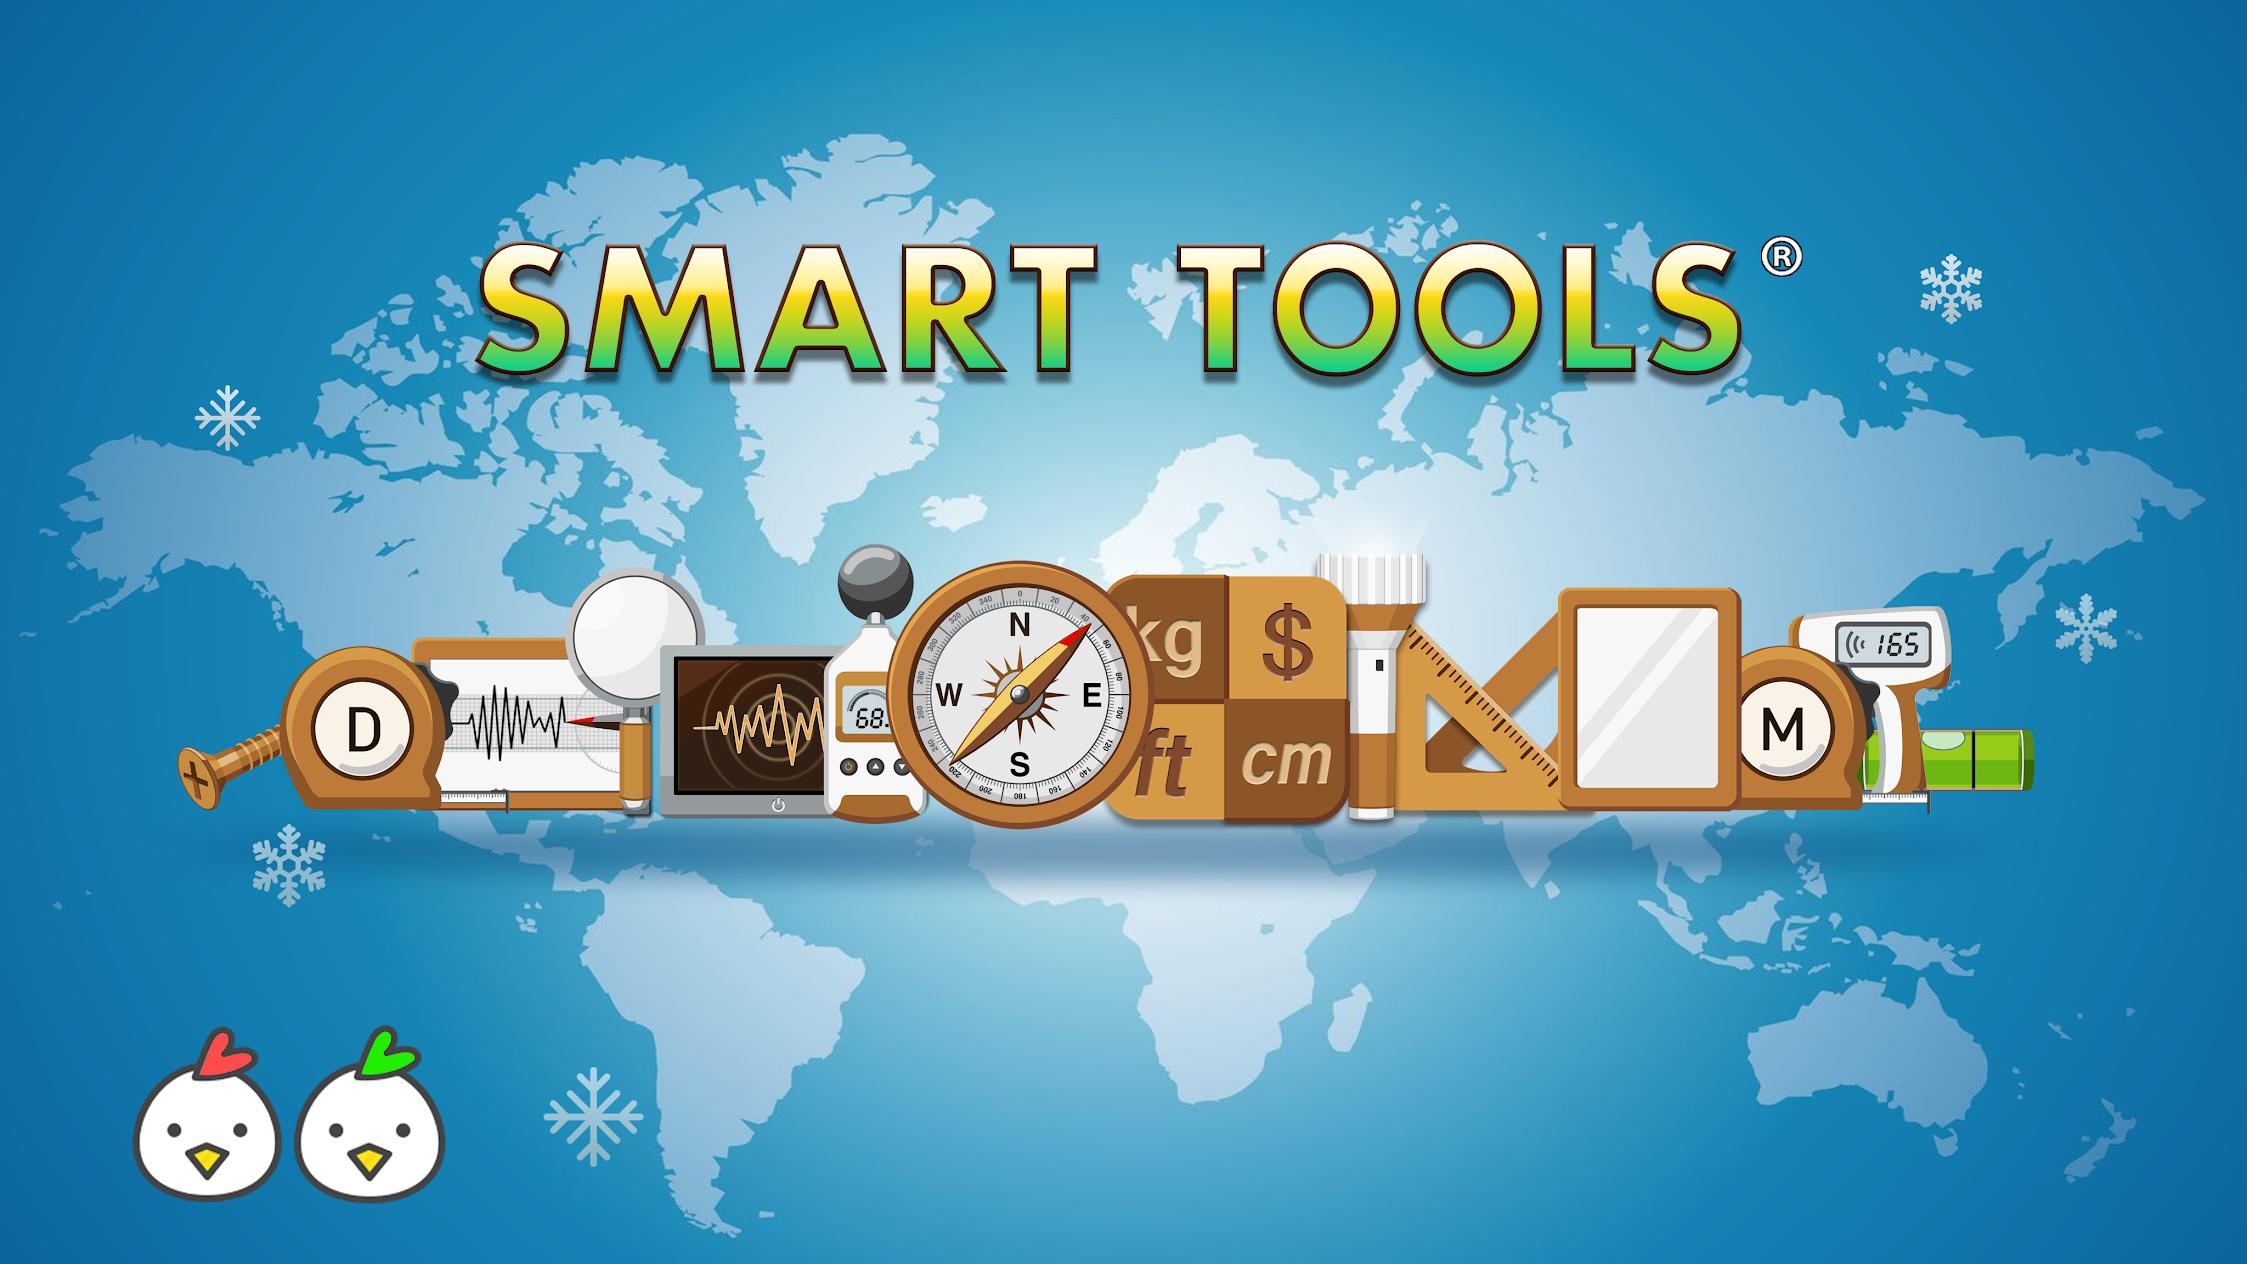 Smart Tools co.